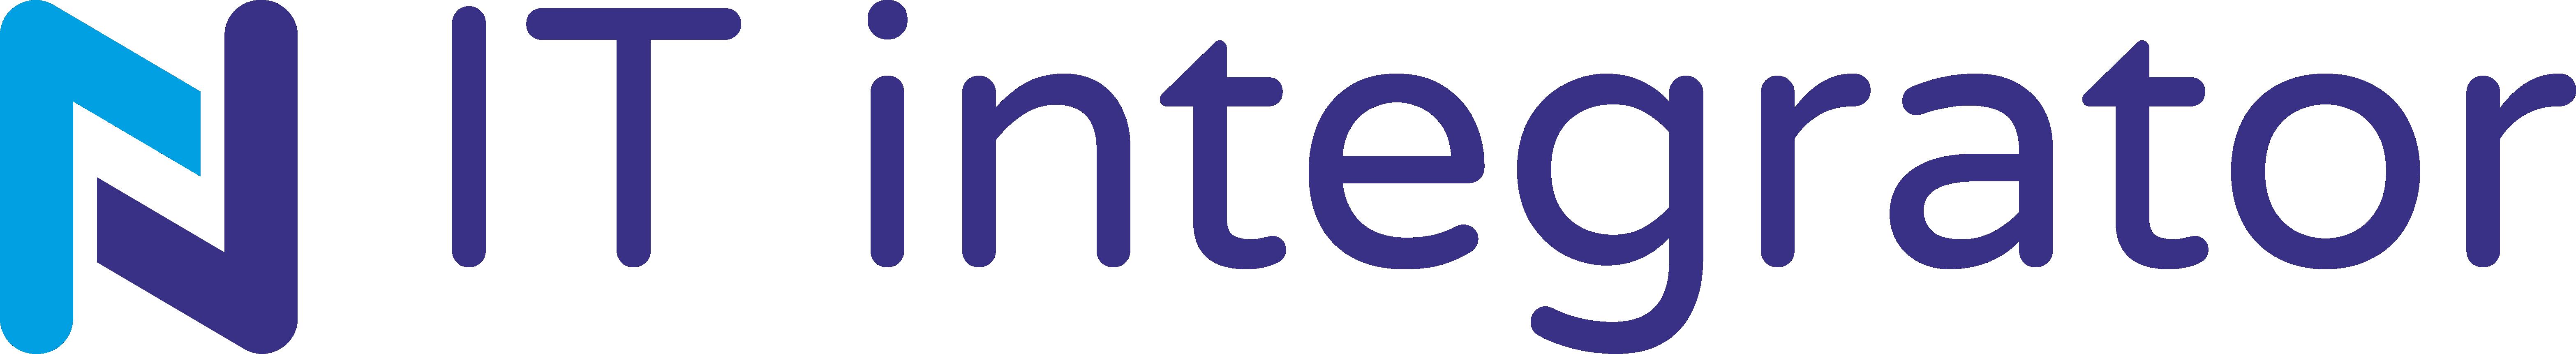 Логотип для IT интегратора фото f_4996149548d34f8c.png